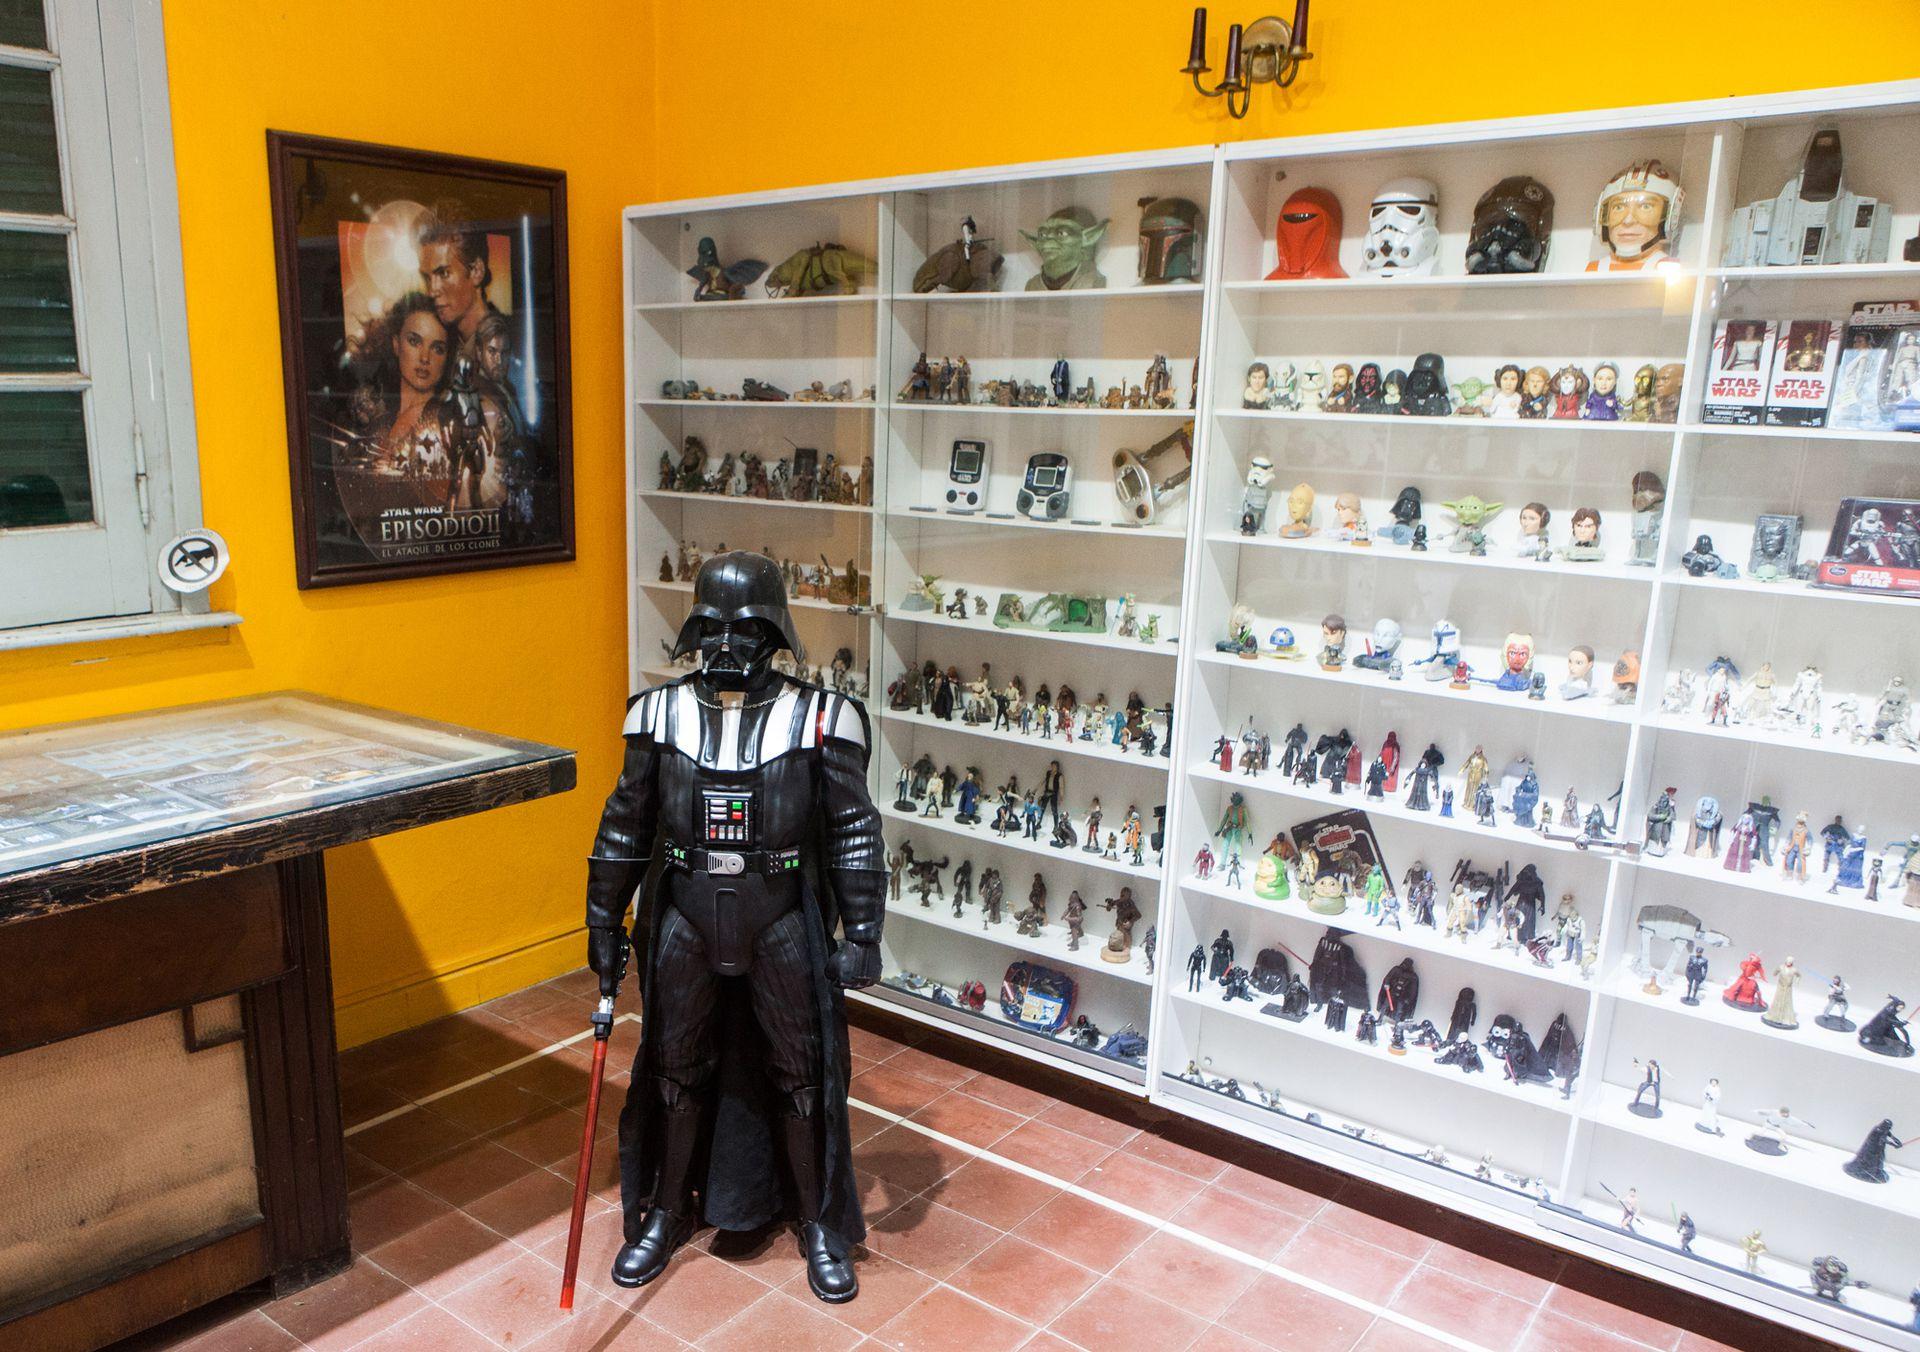 Star Wars tiene su propia sala dentro del Castillo del Cómic